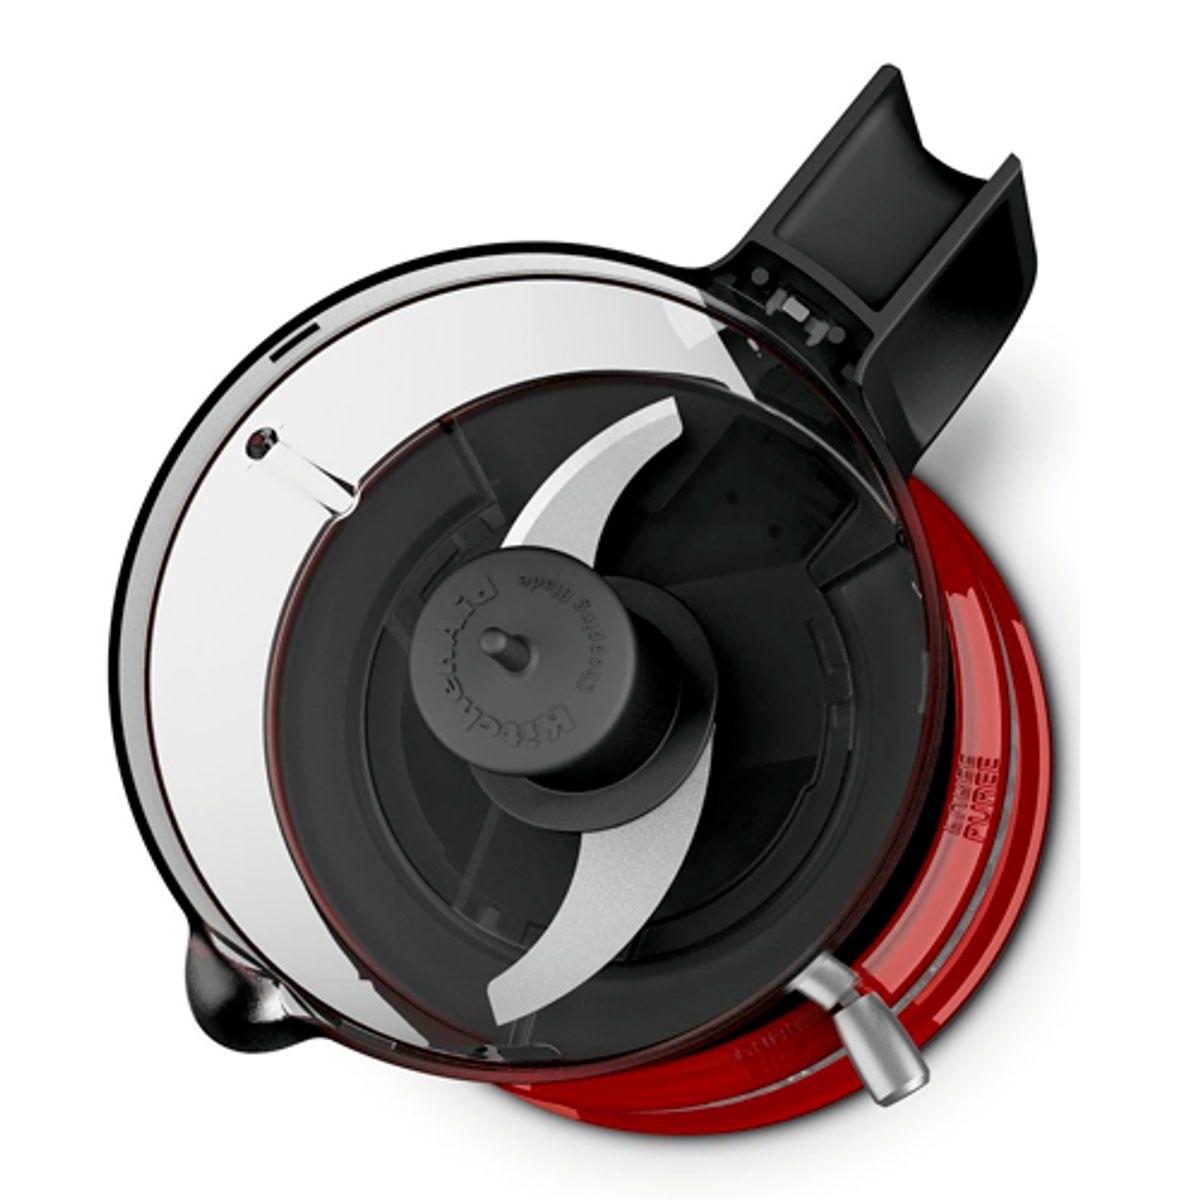 Mini Processador de Alimentos KitchenAid Empire Red com 2 Velocidades e Capacidade de 0,8 Litros - KJA03BV - 127V